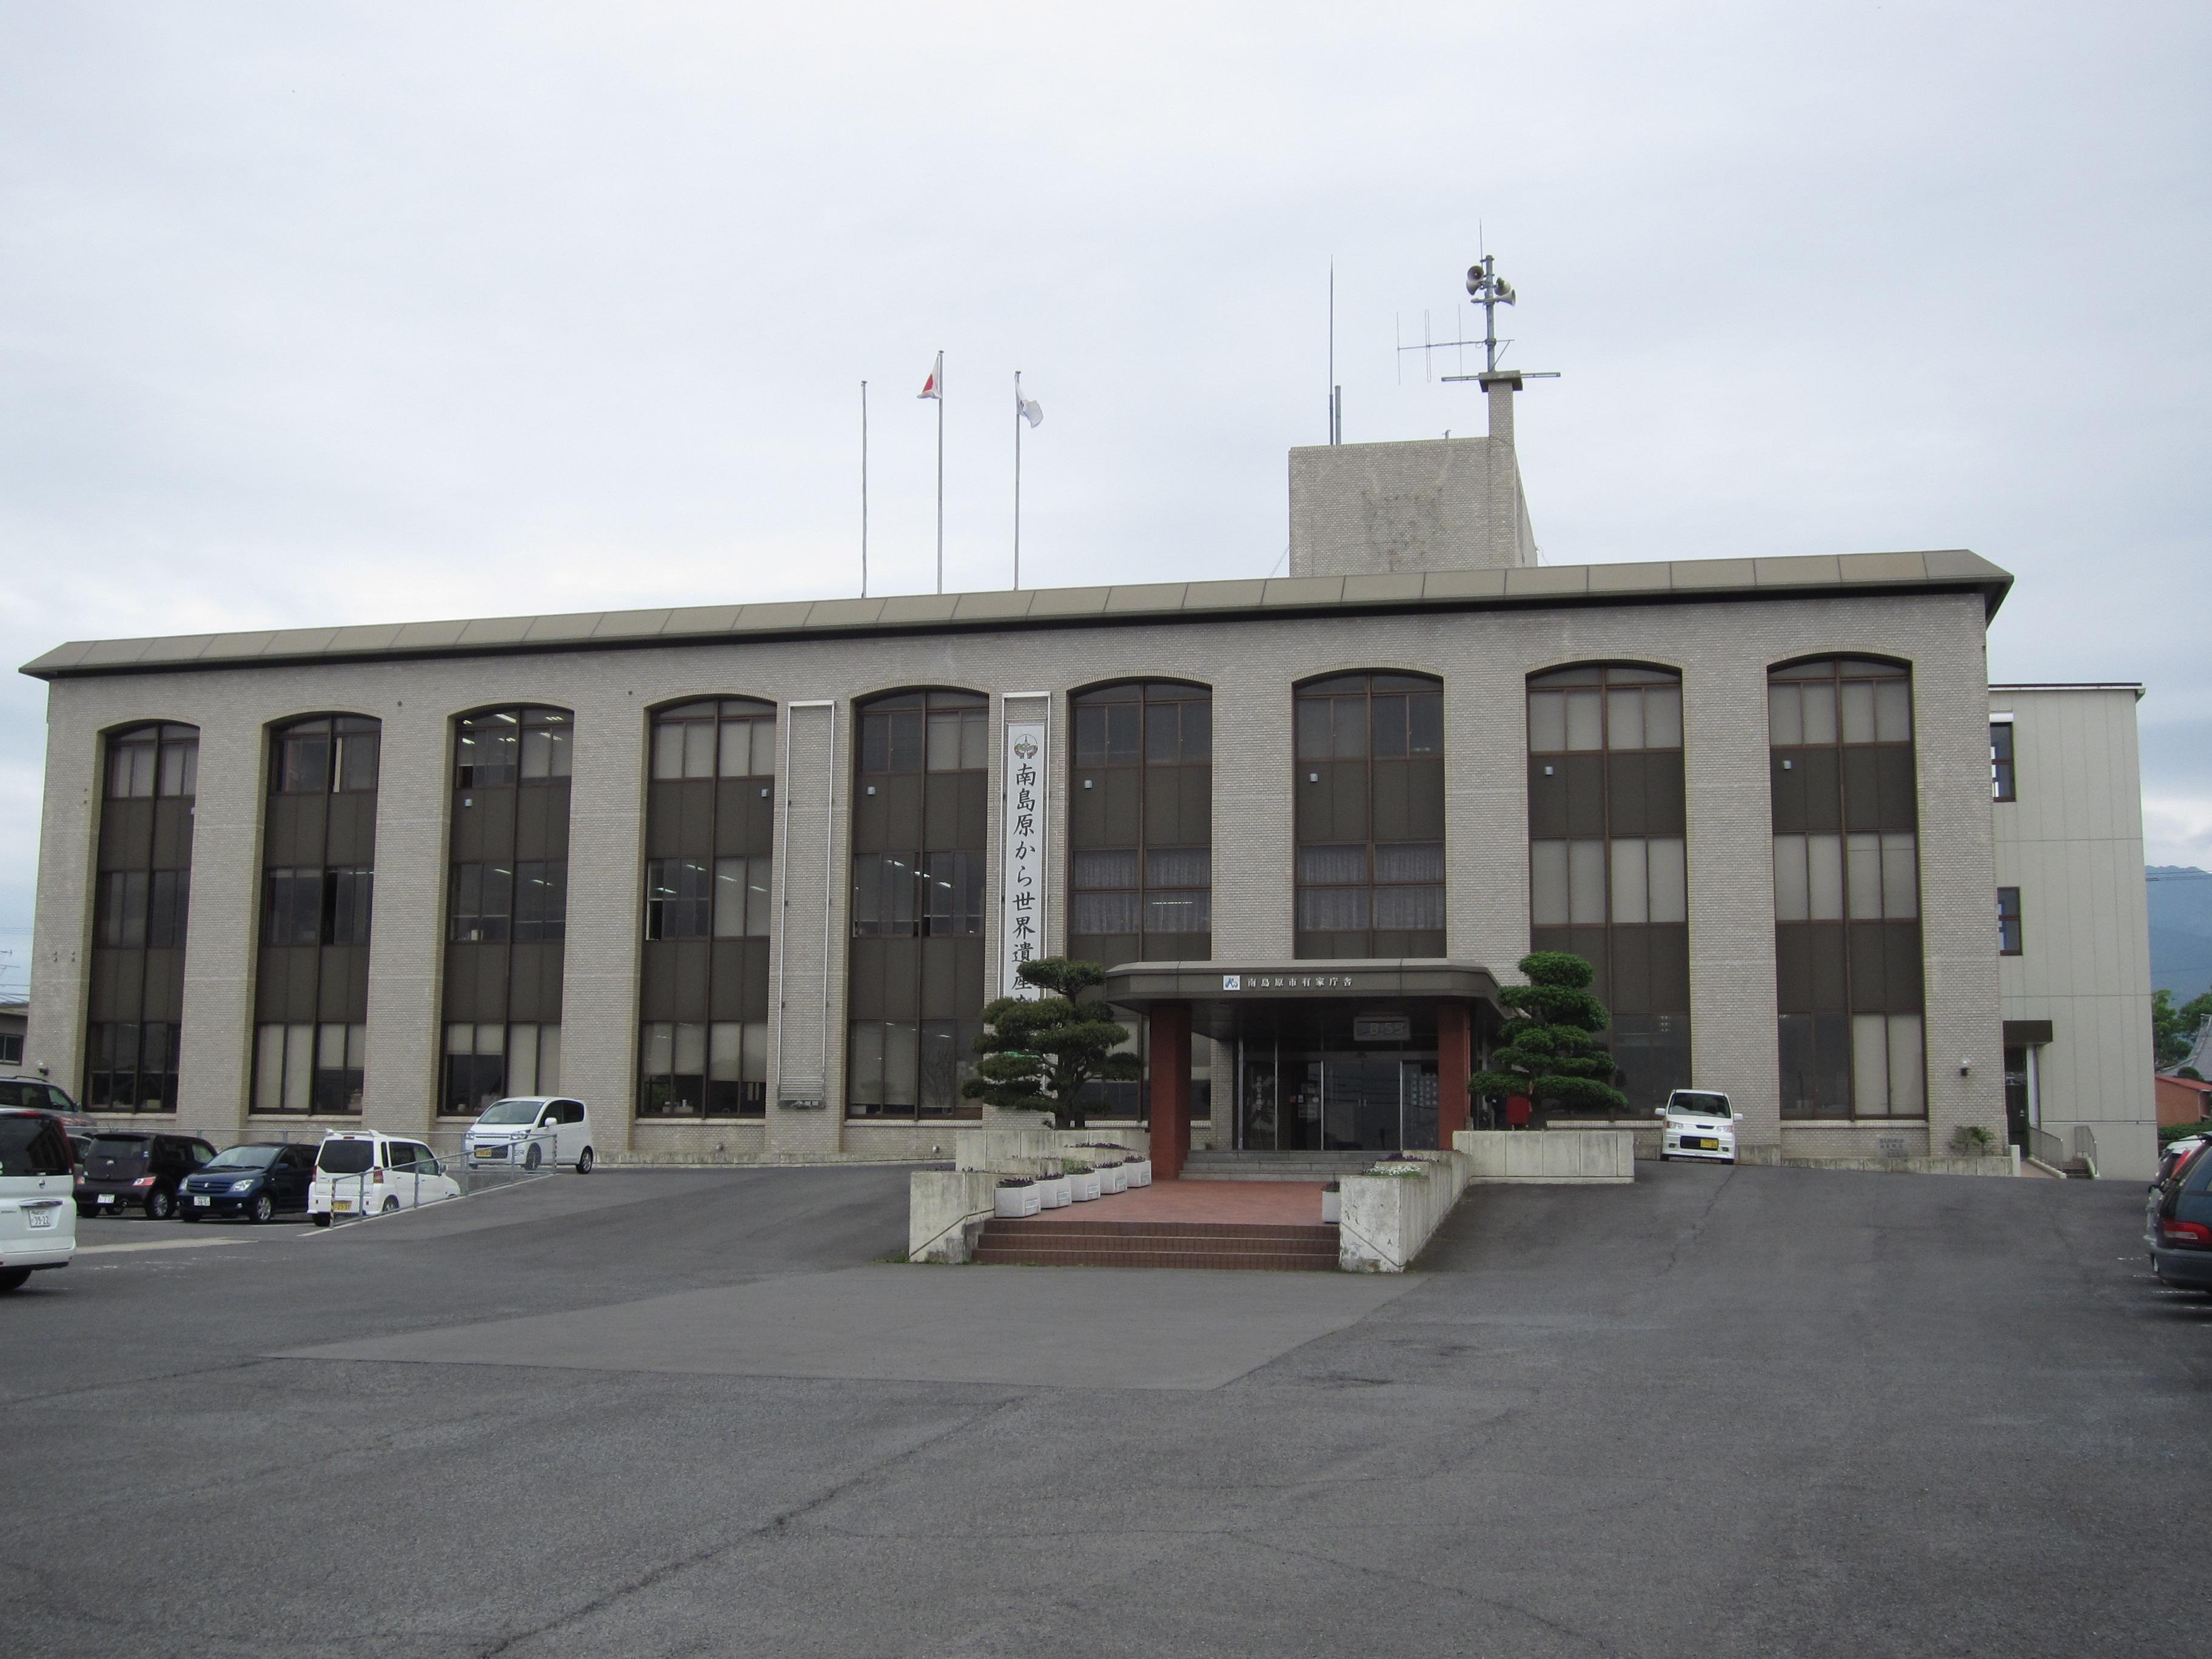 ميناميشيمبارا (ناغاساكي)